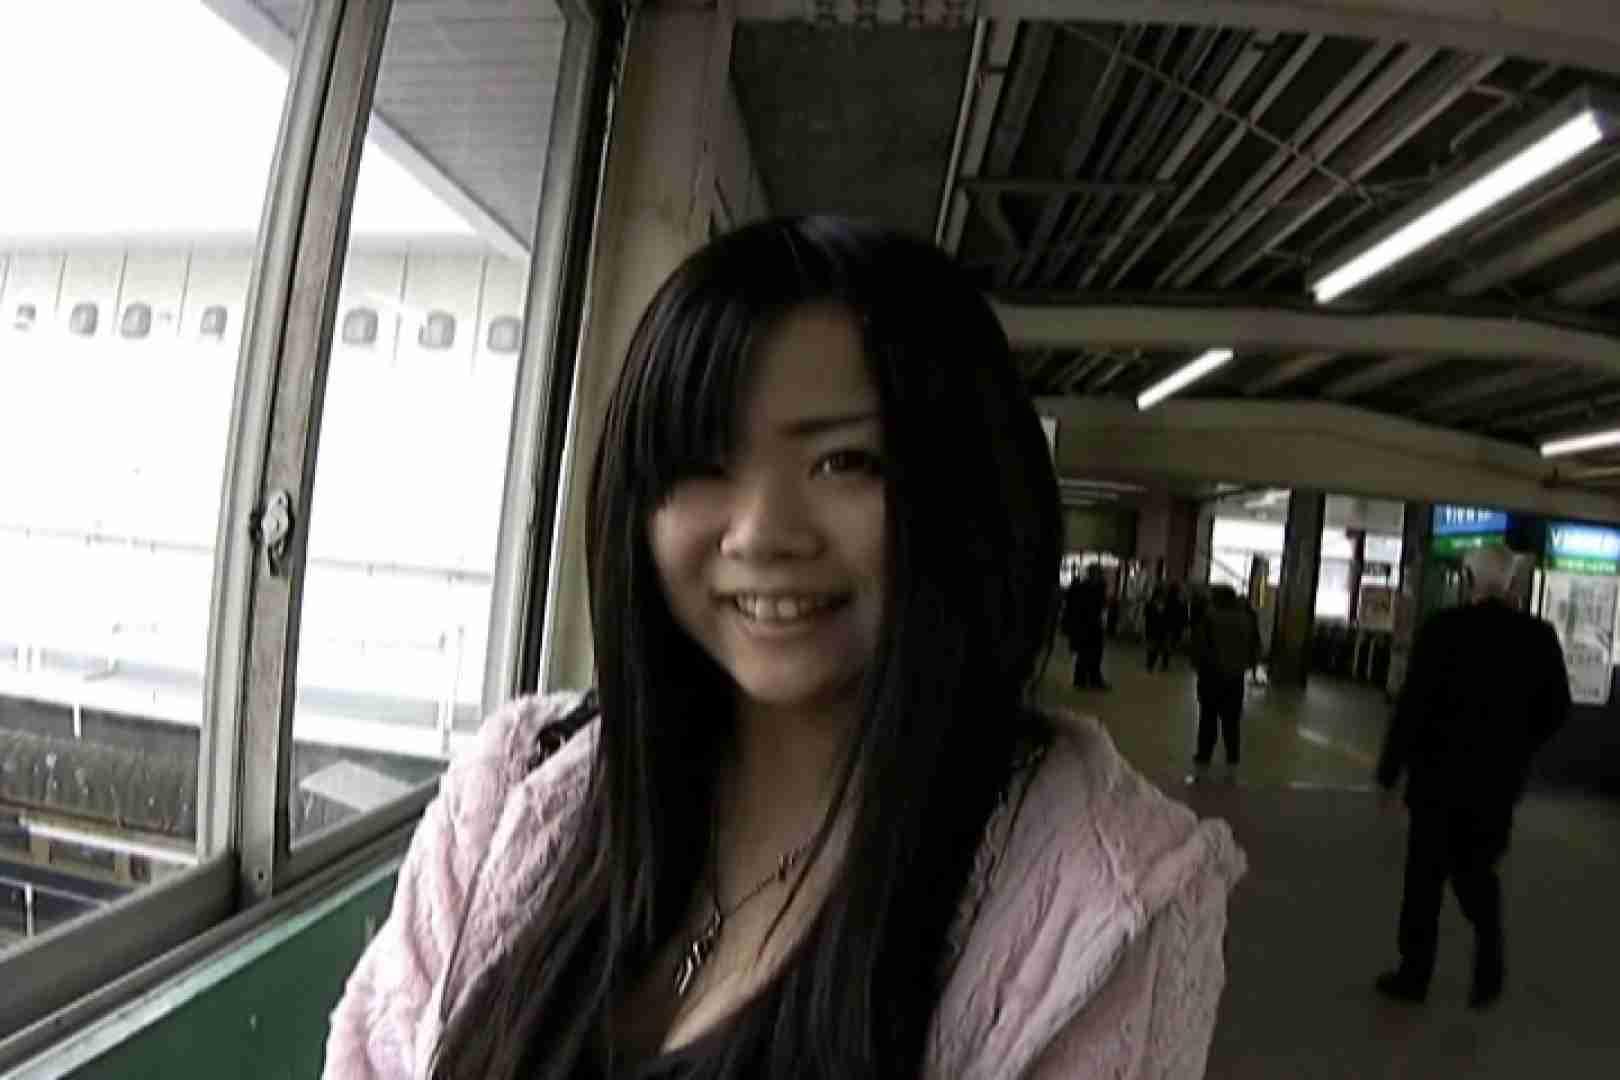 素人嬢がAV面接にやって来た。 仮名ゆみvol.2 勃起で大興奮 盗撮画像 73枚 15